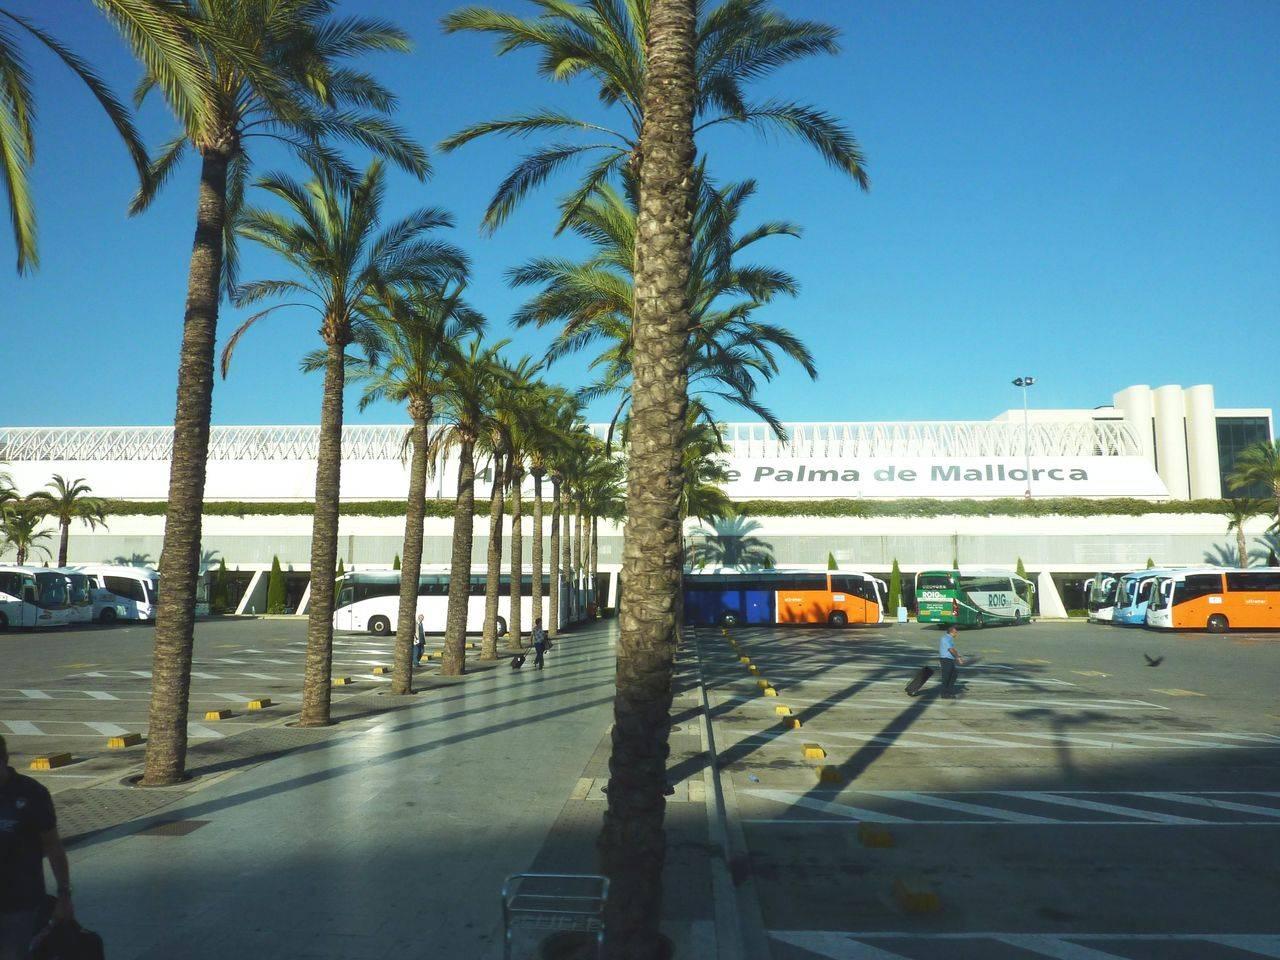 Аэропорт майорки - как добраться, история и справка